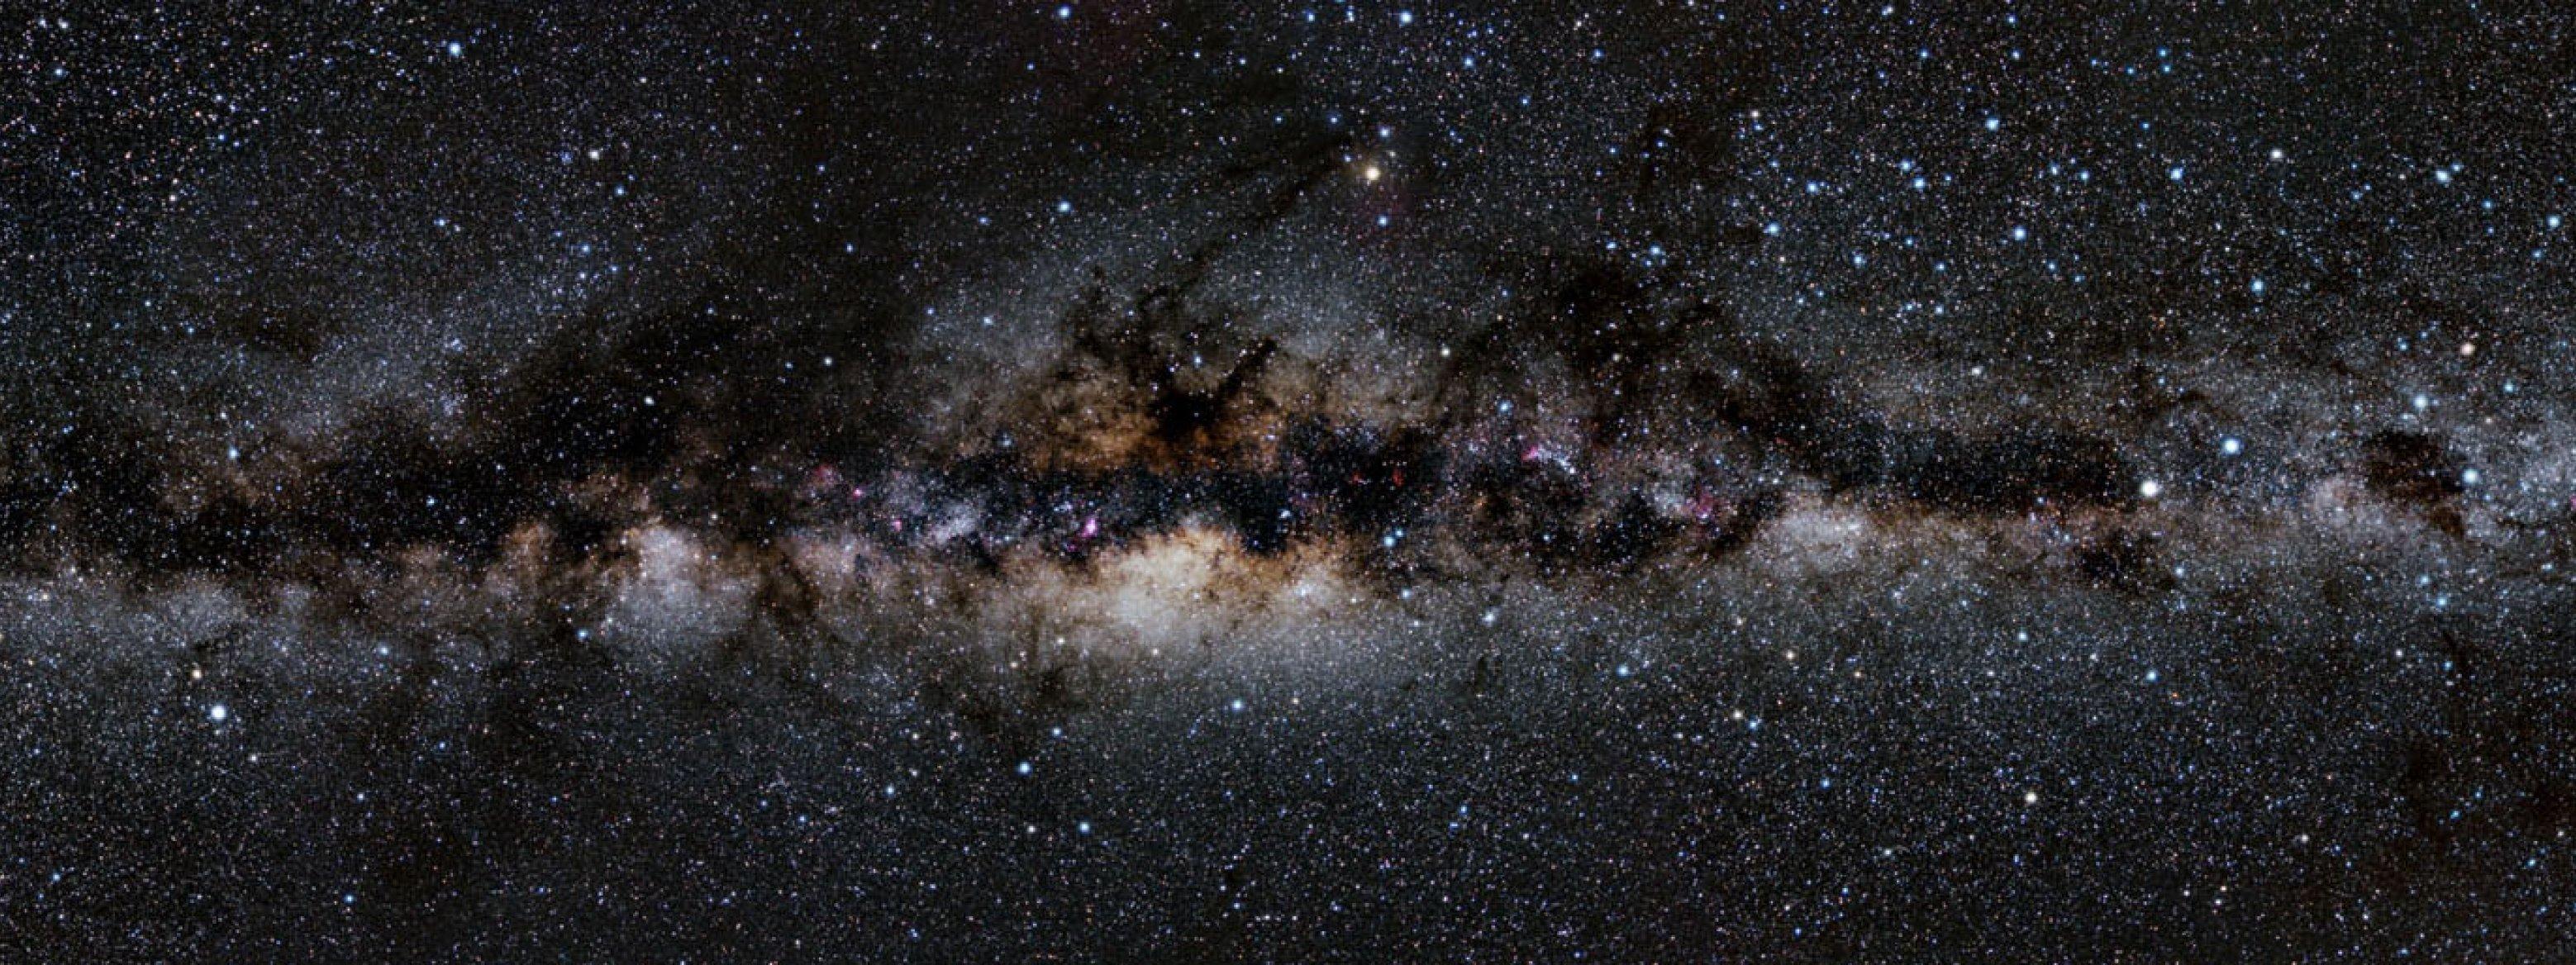 Ein Blick in den Nachthimmel auf die Milchstraße.